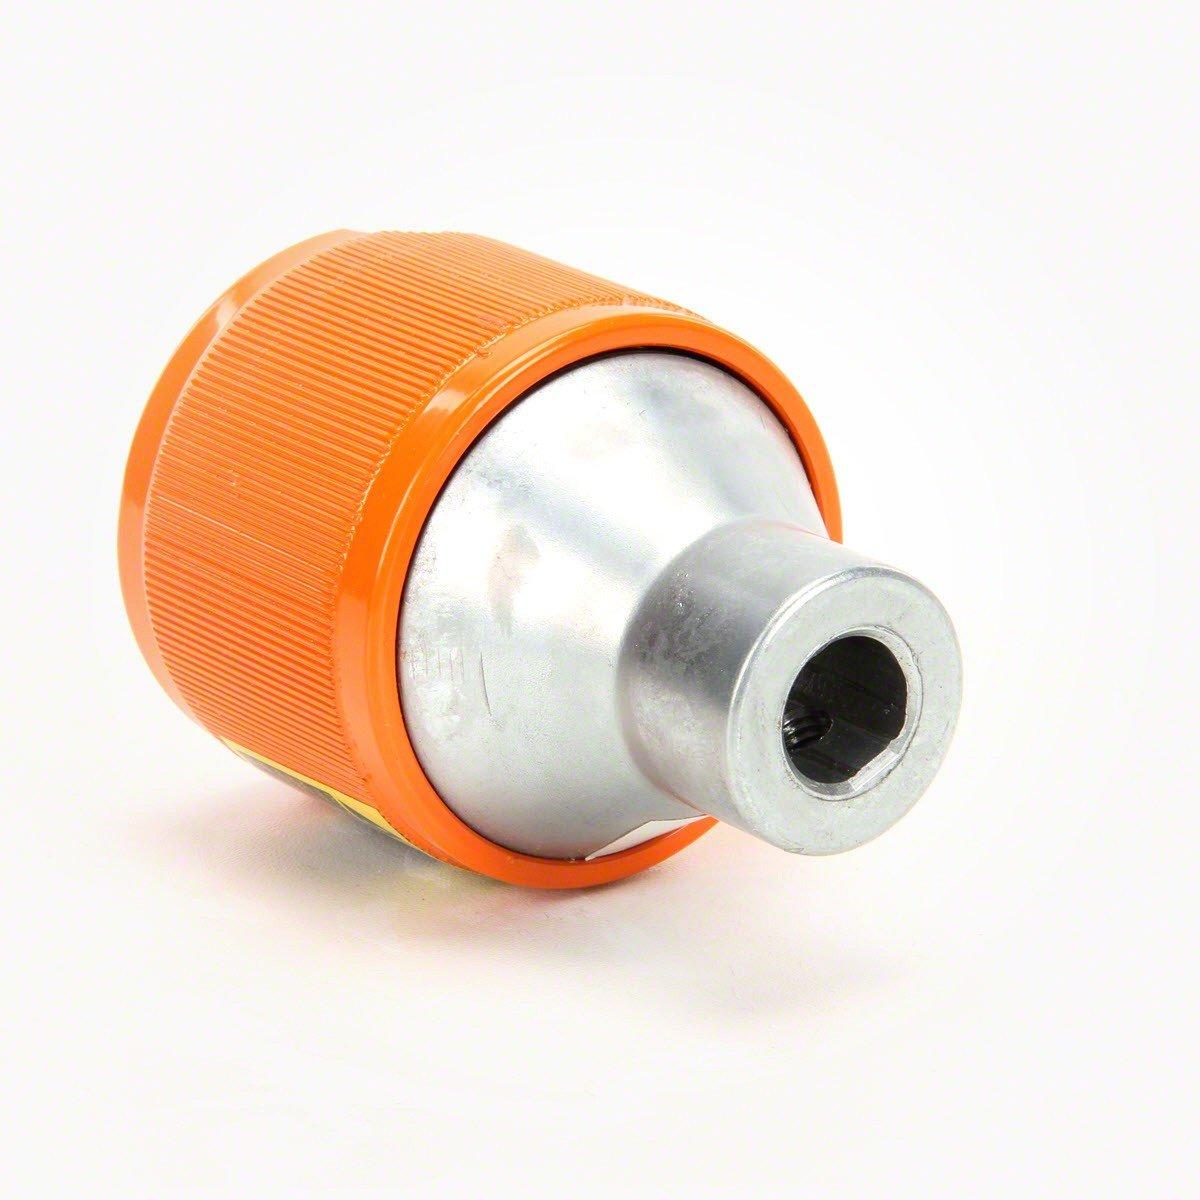 HyPro 1321-0006 Q-Coupler